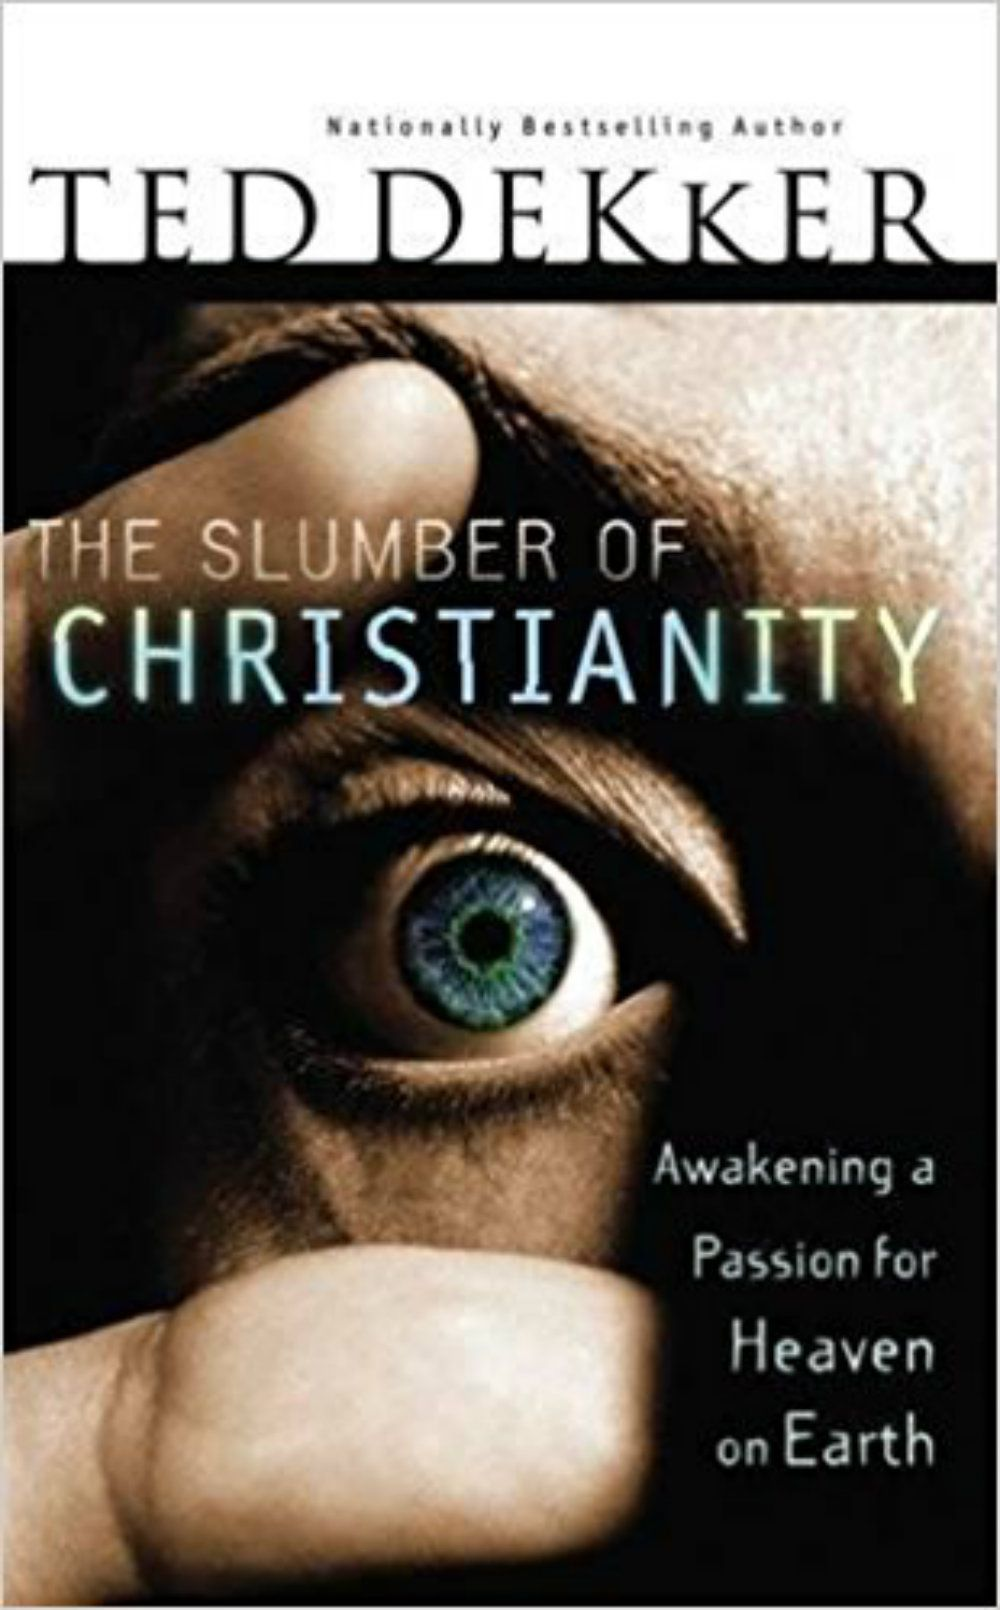 The Slumber of Christianity by Ted Dekker